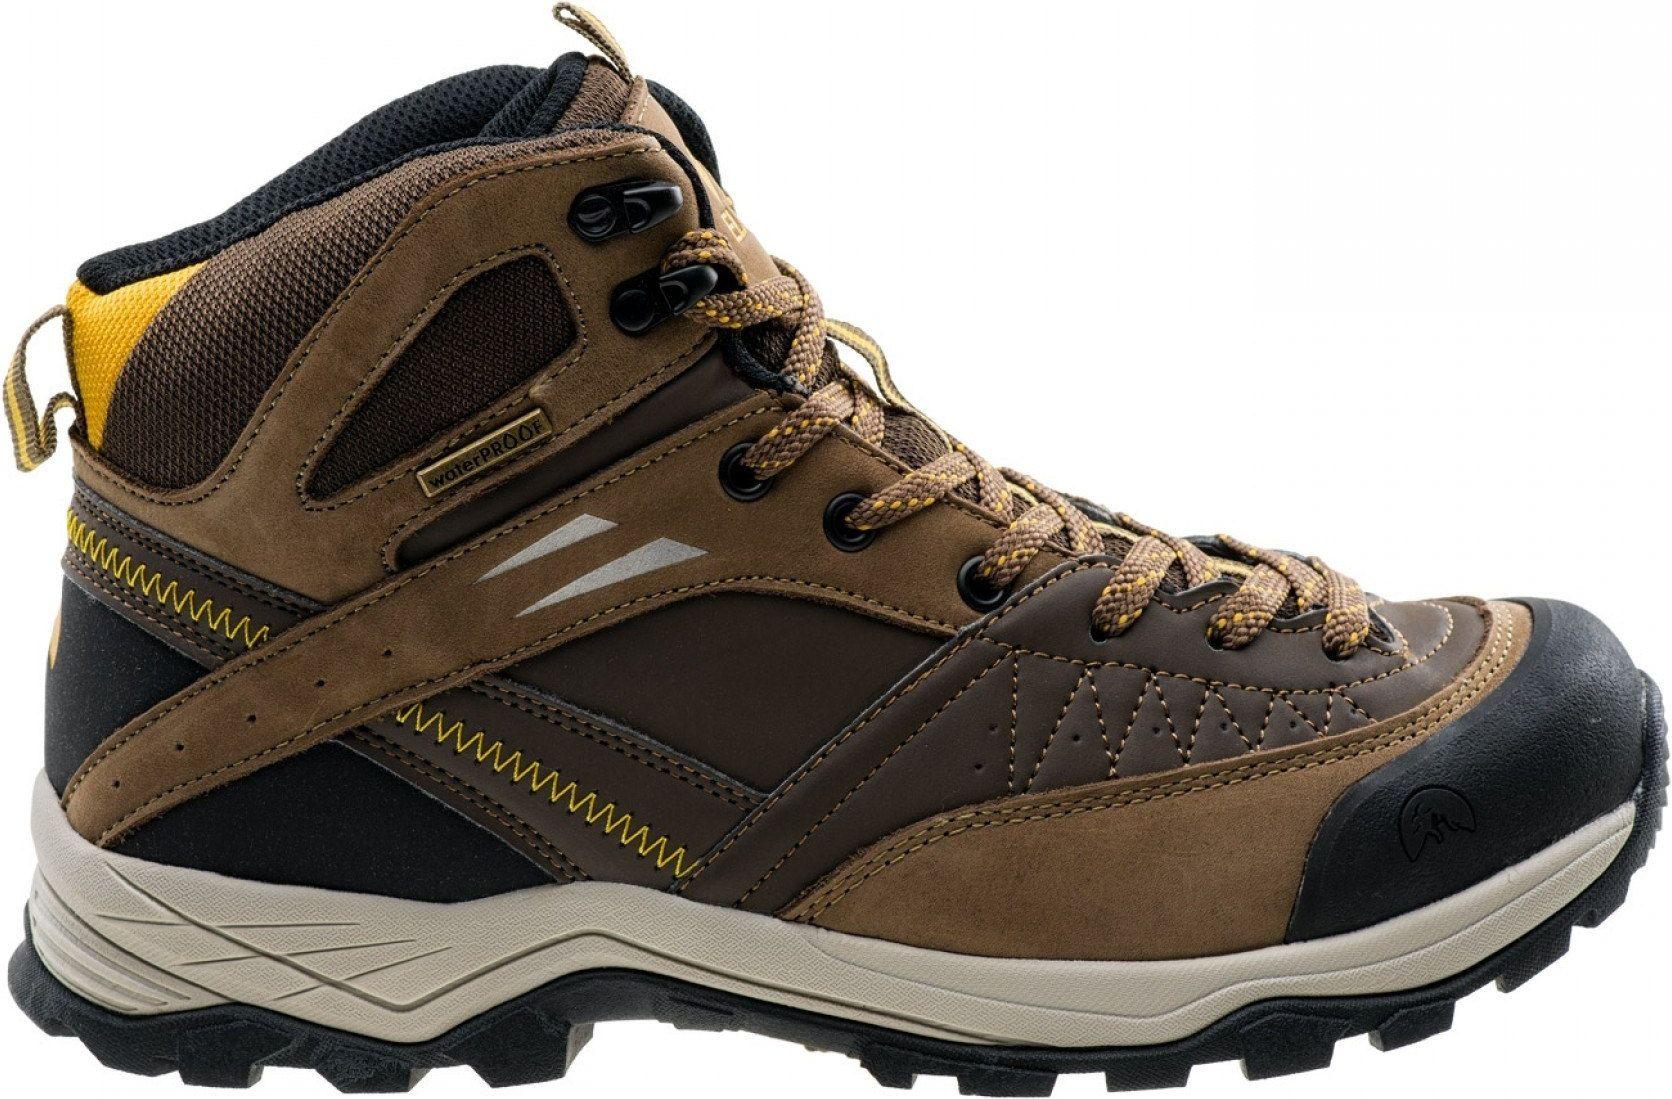 Elbrus Buty meskie Delen MID WP Dark Brown / Corn / Black r. 41 4823642 Tūrisma apavi